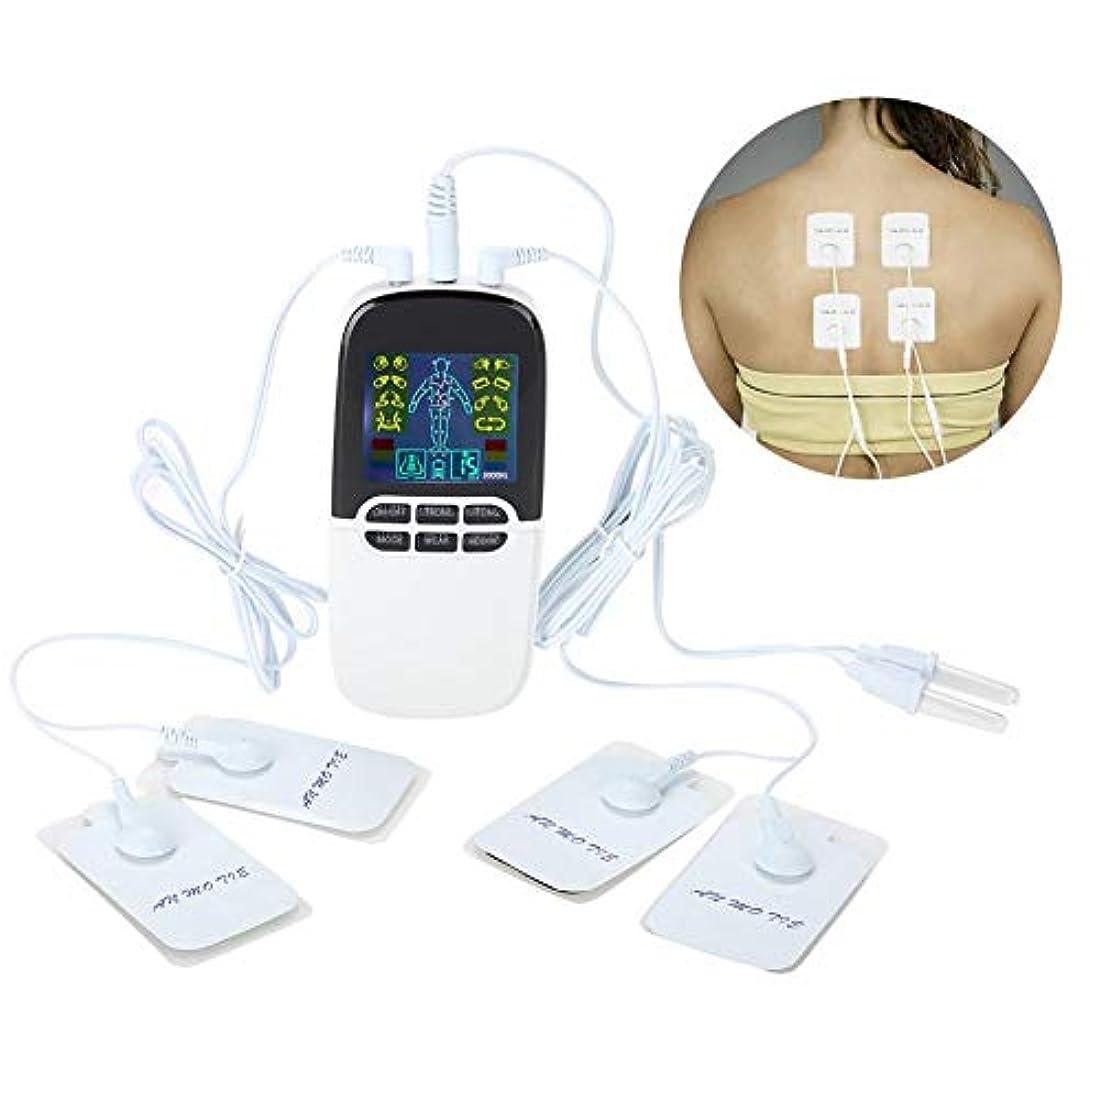 誓いユニークな発生器携帯用子午線のマッサージャー、電子筋肉はヘルパーボディ痛みの軽減のデジタル脈拍装置ヘルスケア用具を緩めます